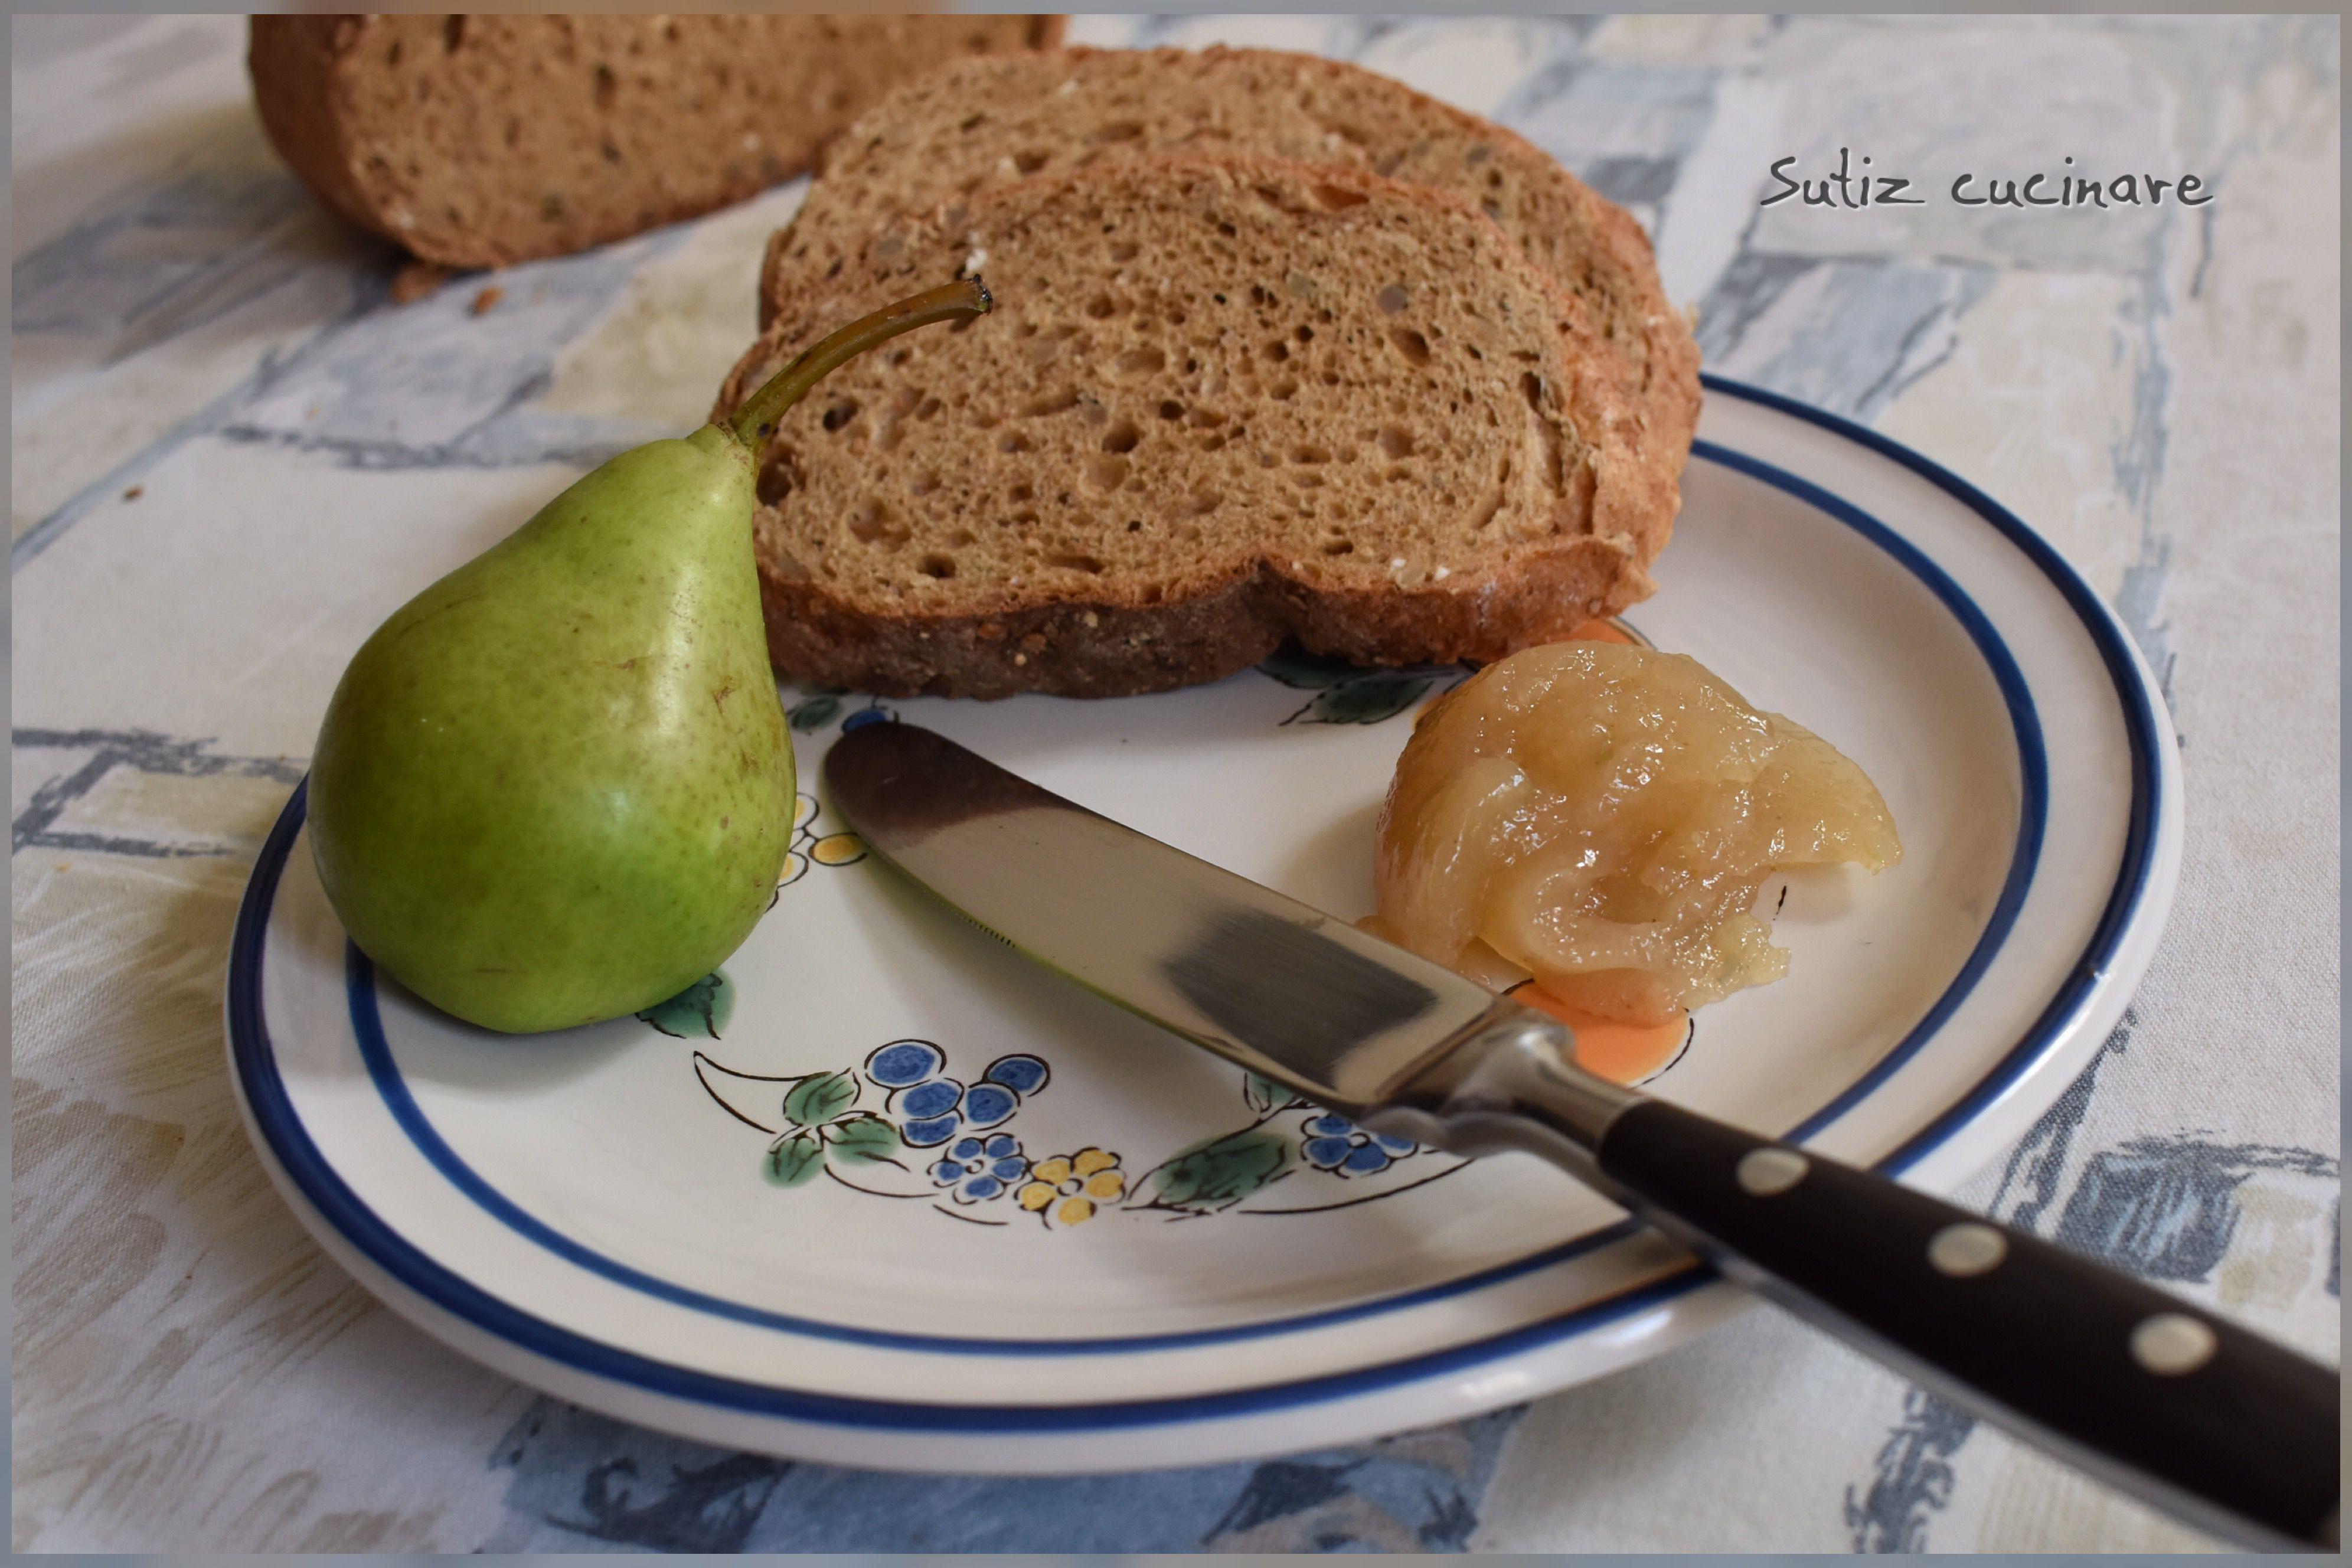 Marmellata pere e zenzero sutiz cucinare for Cucinare zenzero